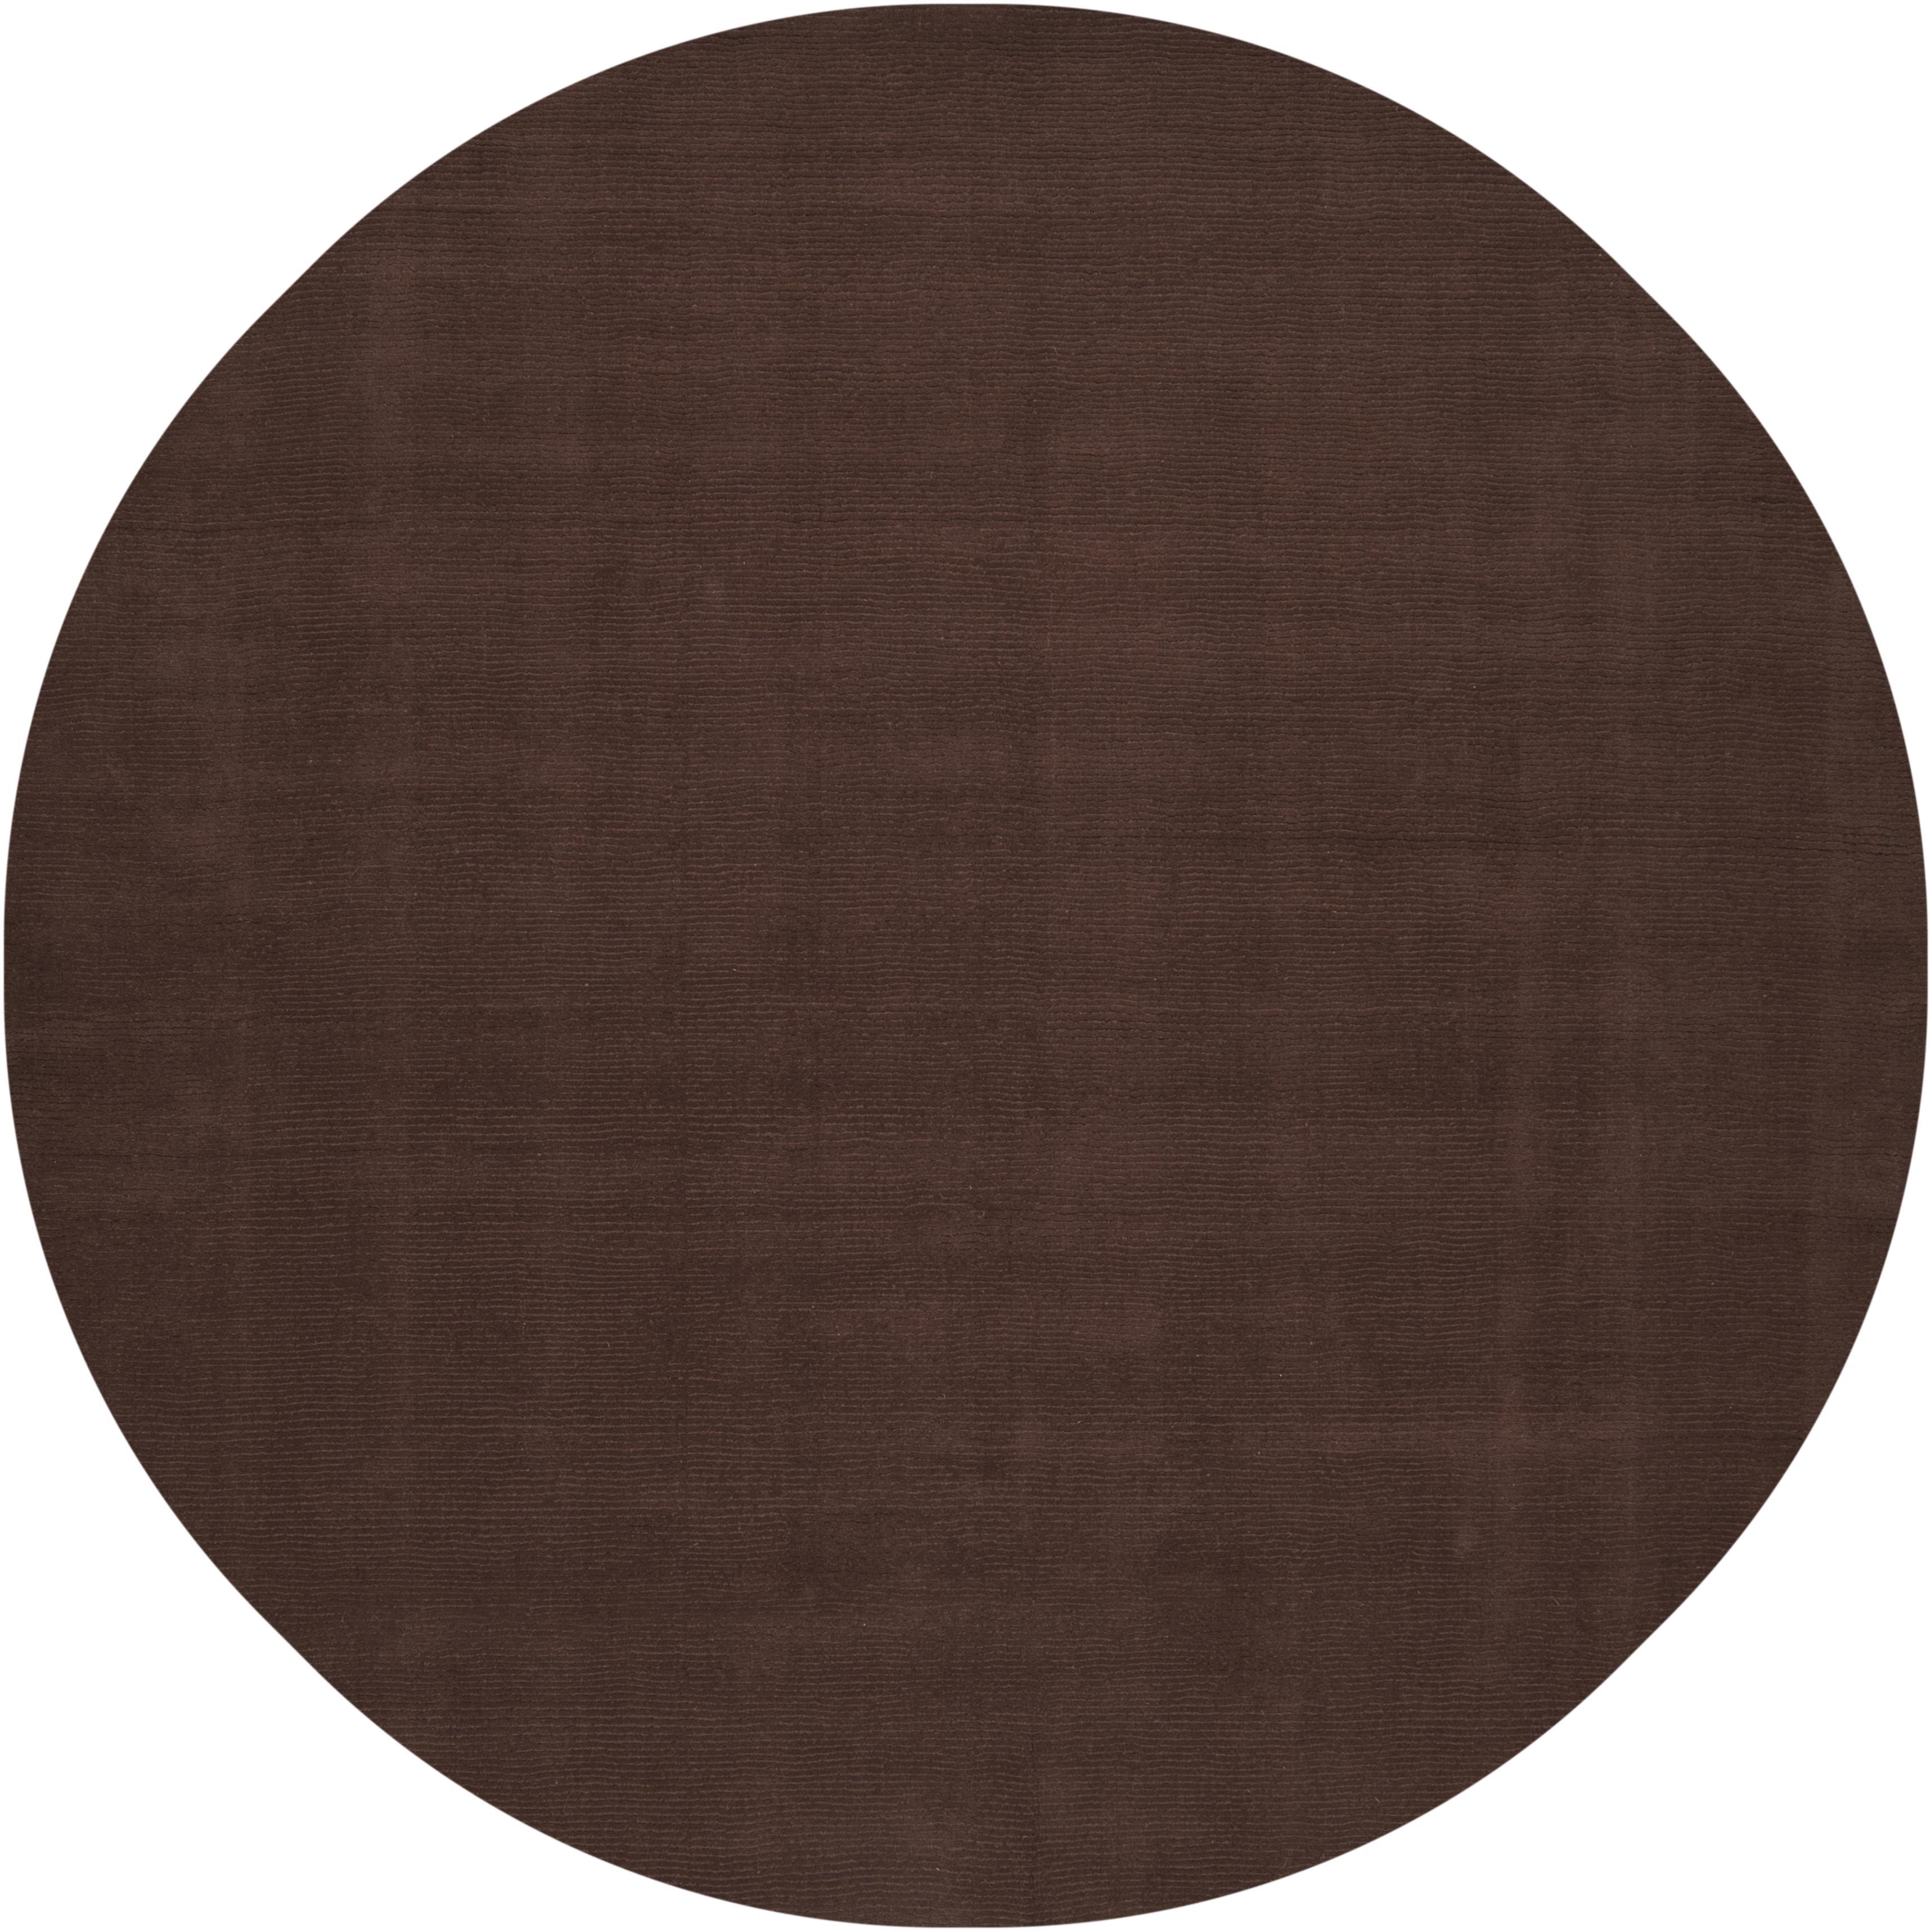 Surya Mystique 6' Round - Item Number: M334-6RD